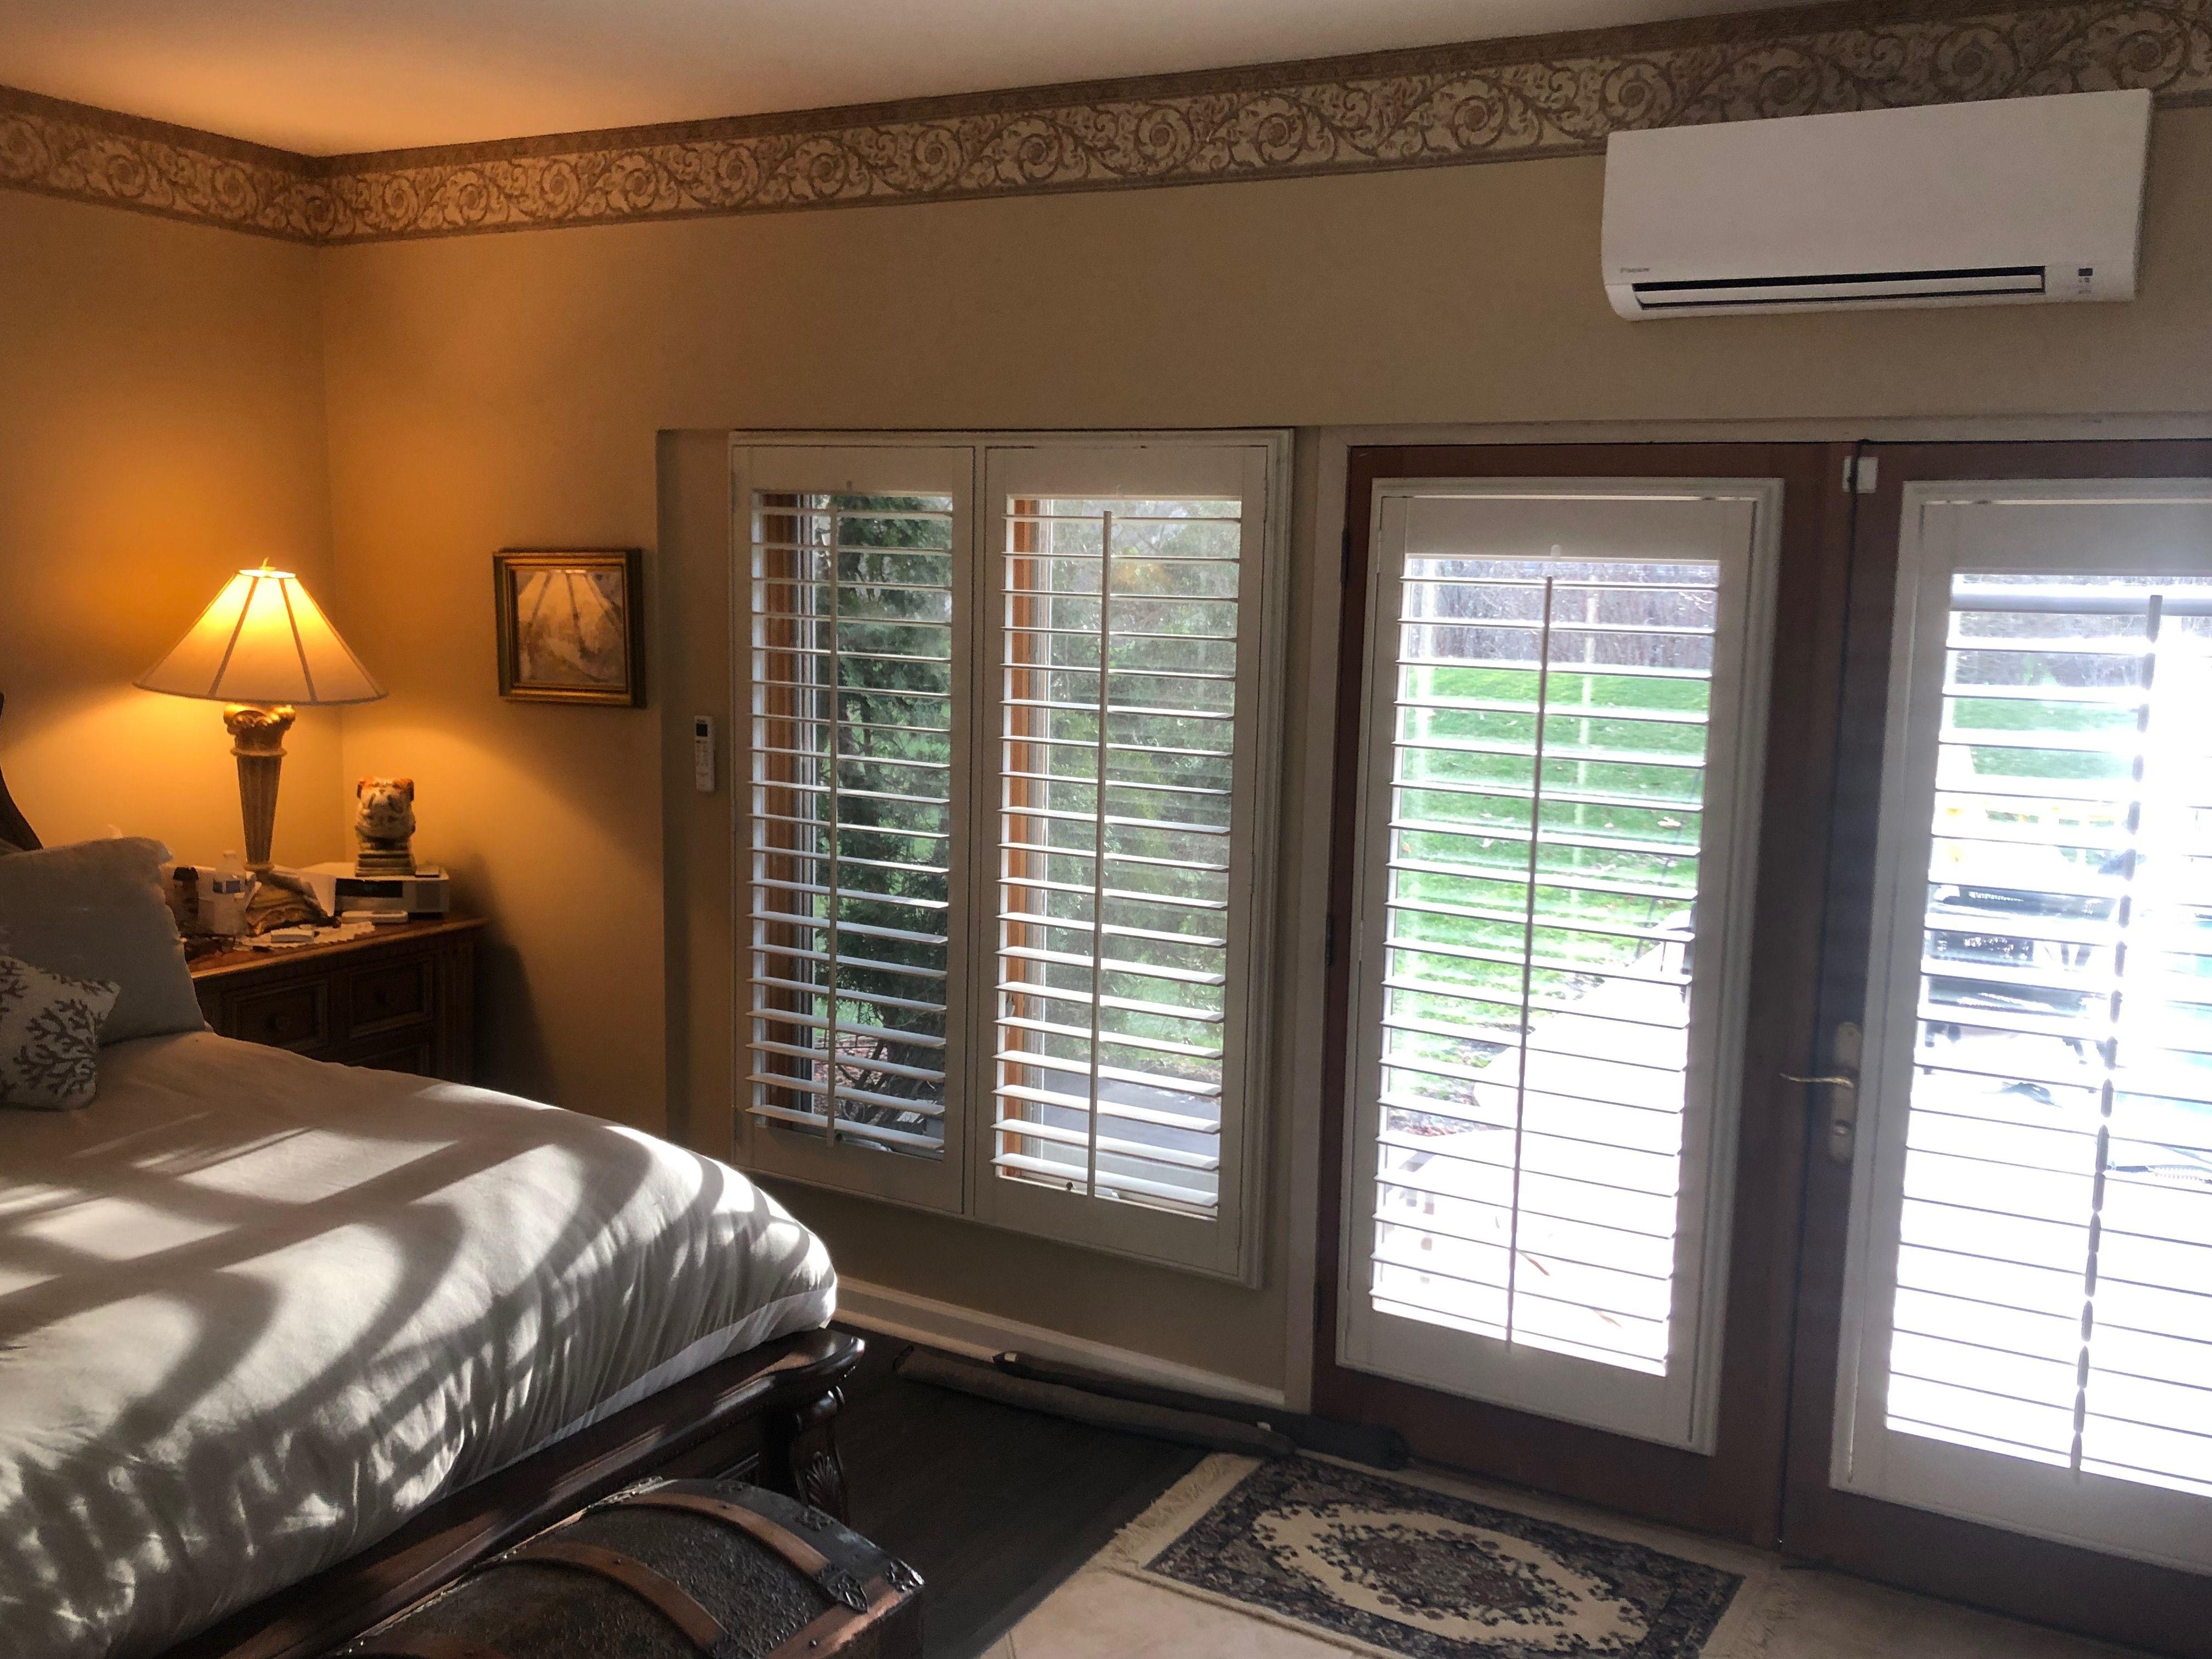 Daikin Aurora Ductless Heat Pump Ac Finding A House Ductless Heat Pump Home Comforts